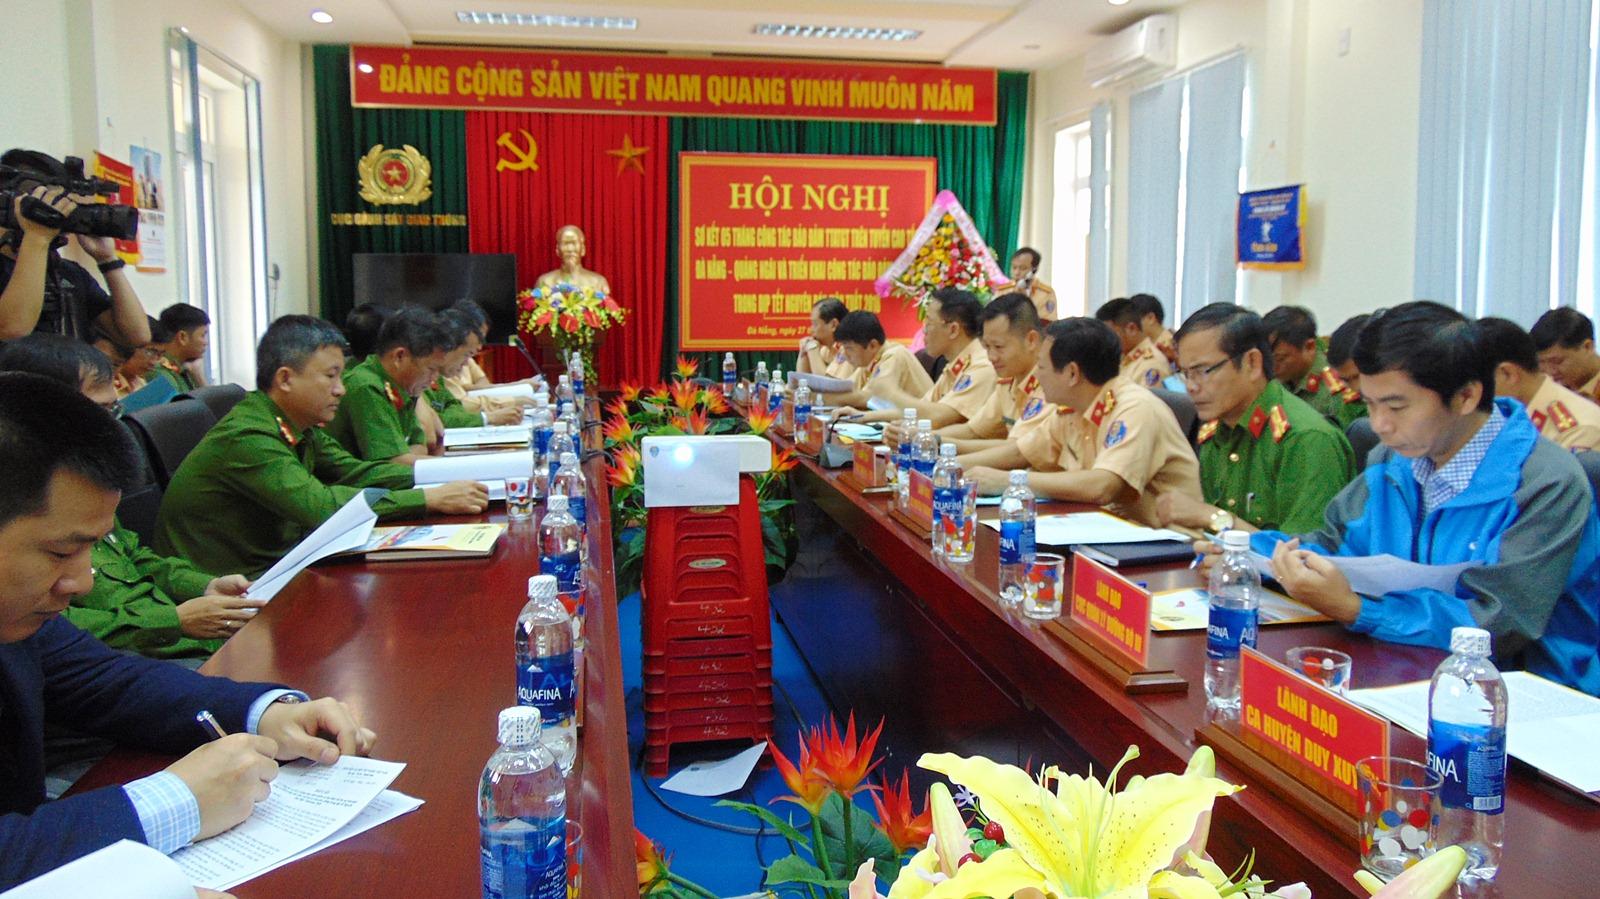 Đảm bảo ATGT tuyến cao tốc Đà Nẵng - Quảng Ngãi dịp Tết